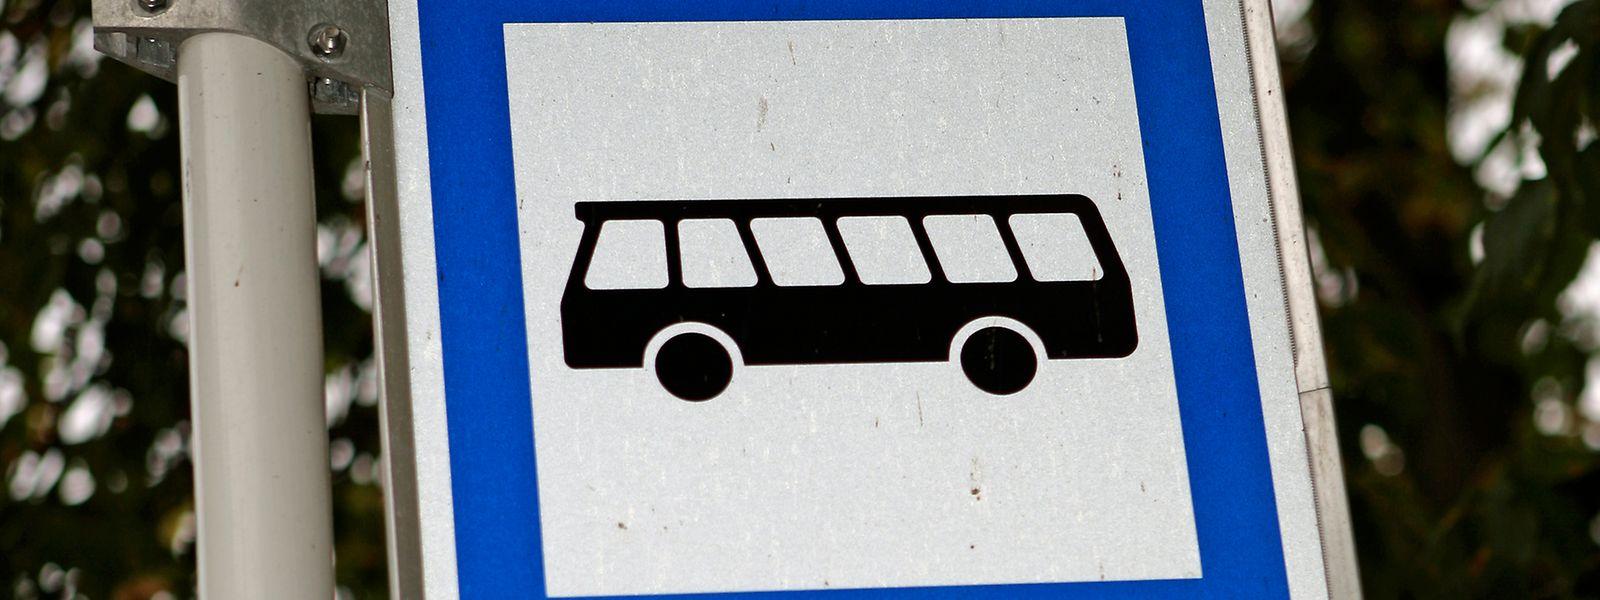 Bushaltestelle Ramassage scolaire Schultransport Bus Öffentlicher Transport Schüler Schild Verkehr Verkehrsschild transport en commun